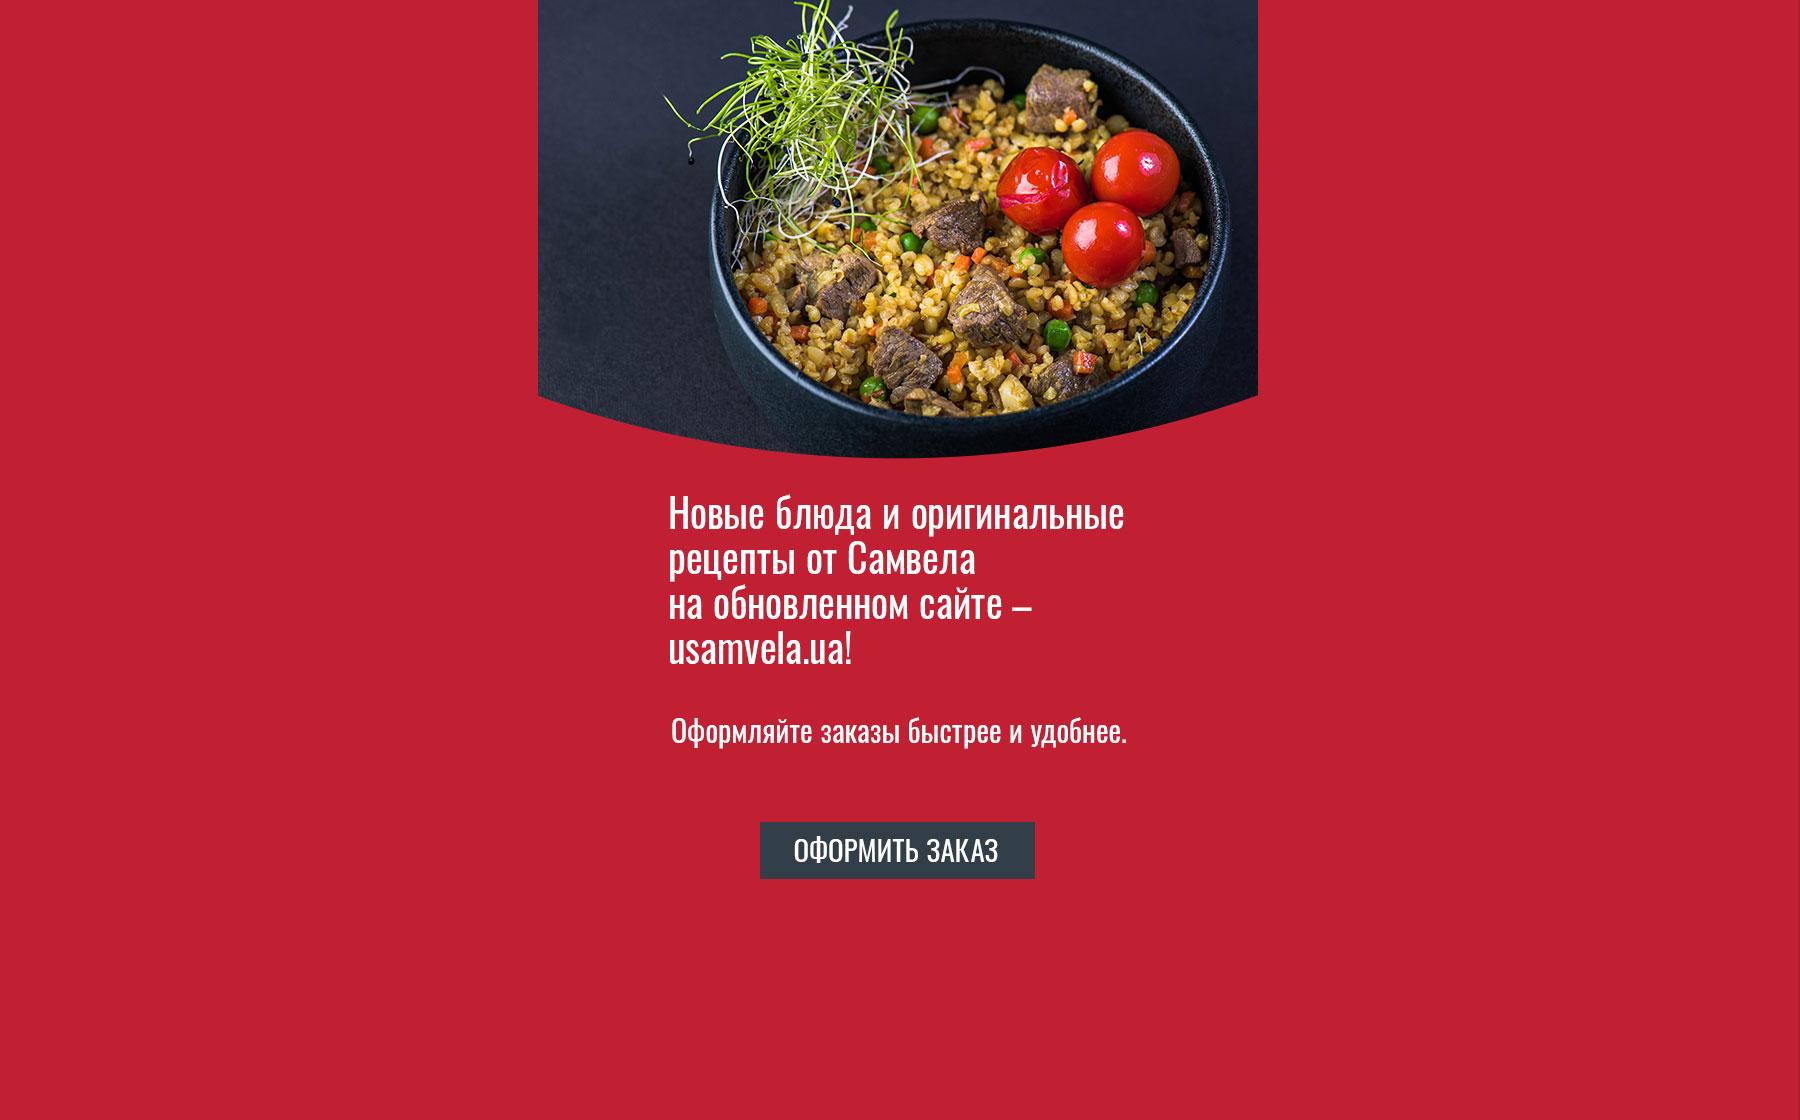 Новые блюда и сайт